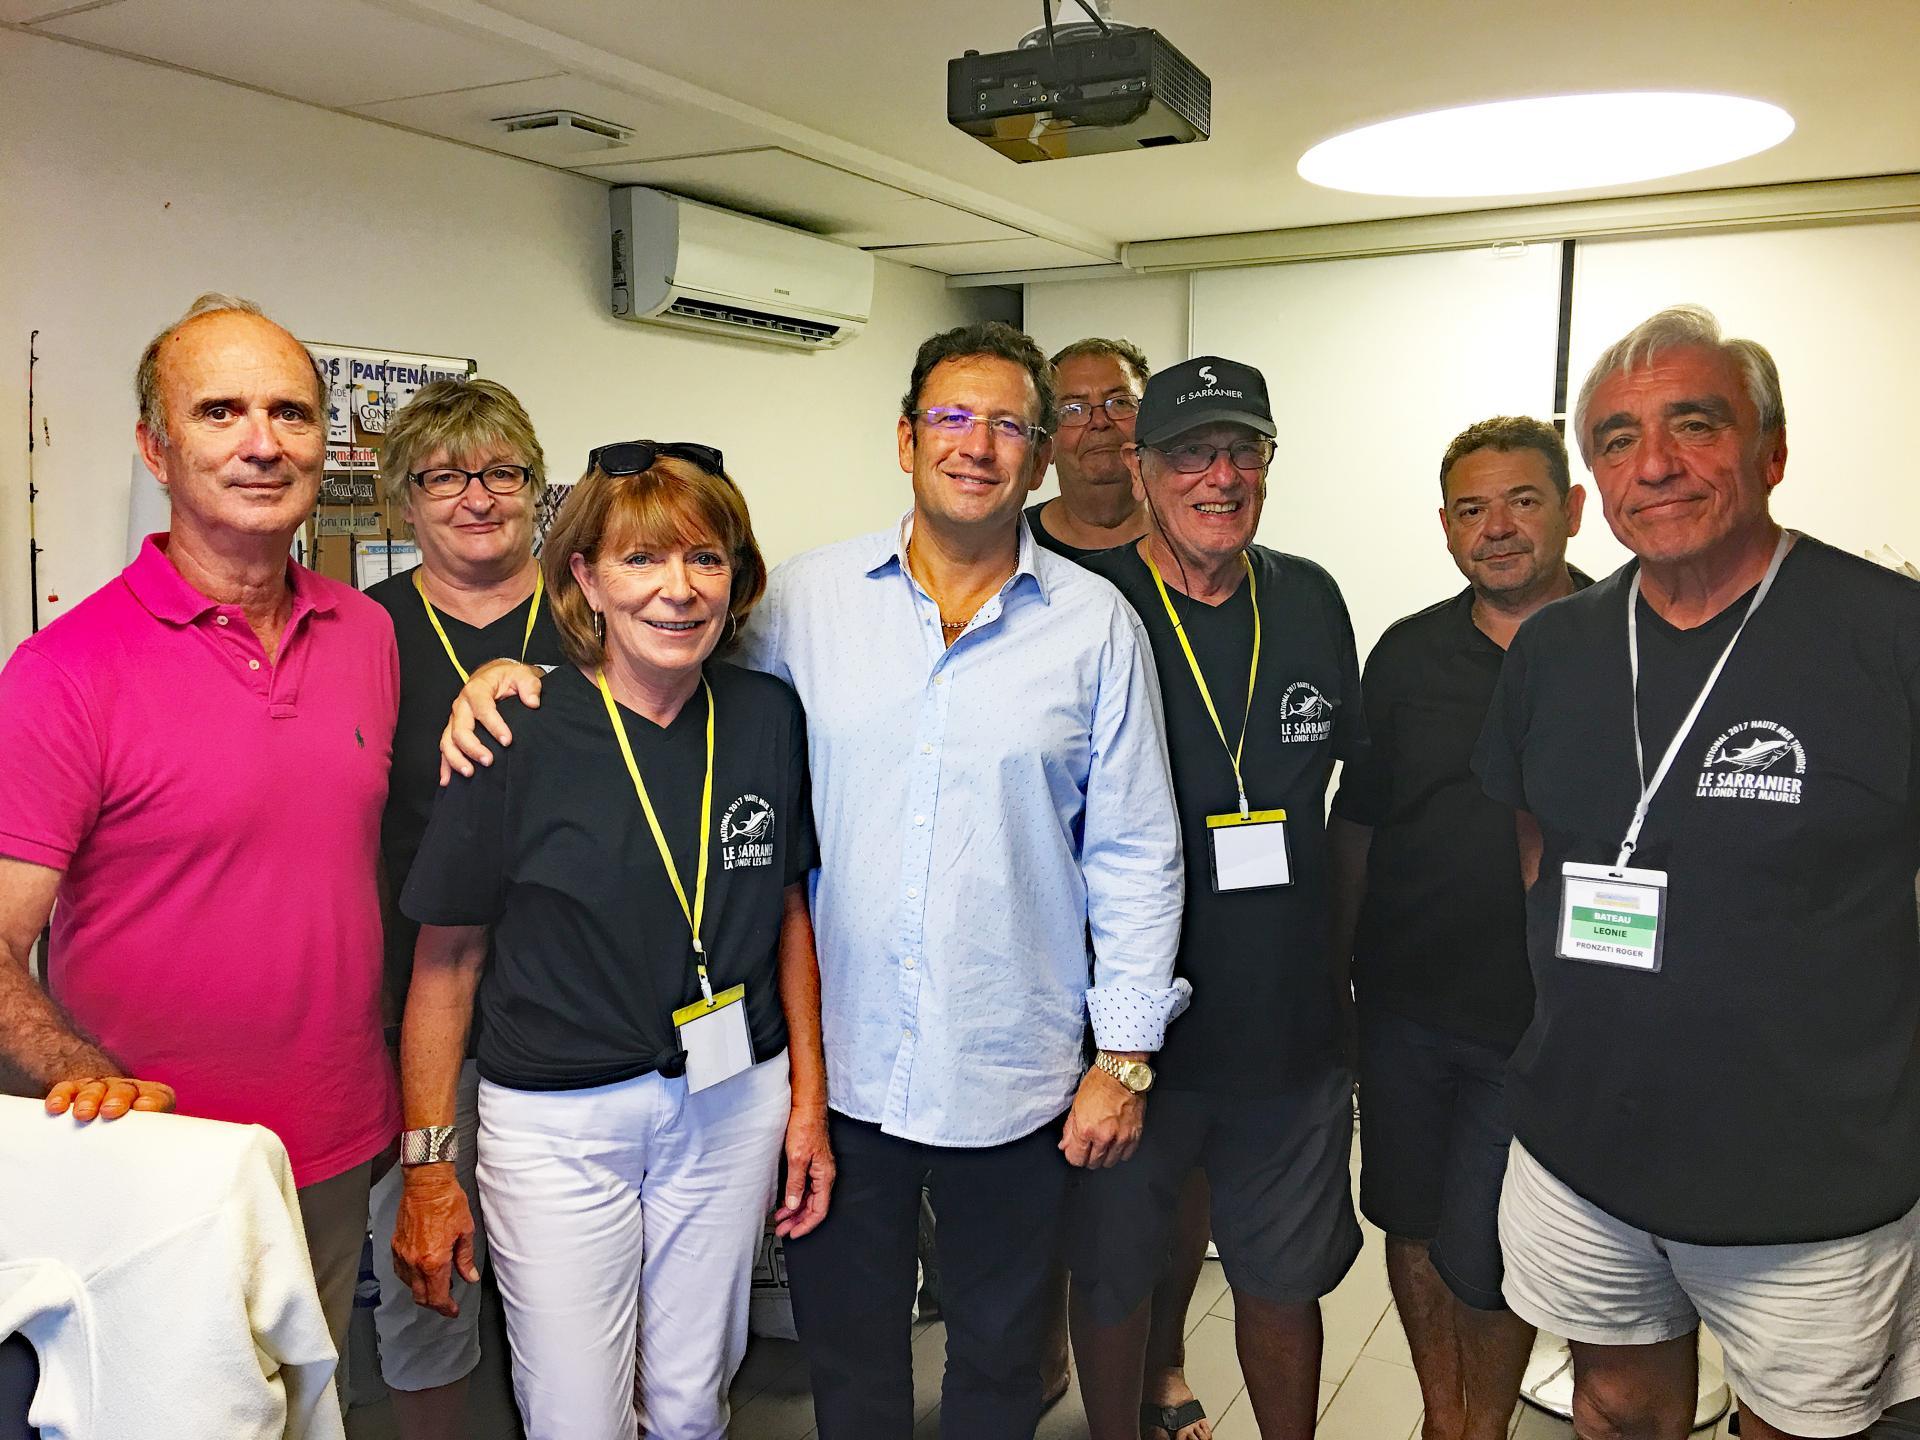 Une visite d encouragement du maire et de l adjoint au port au club